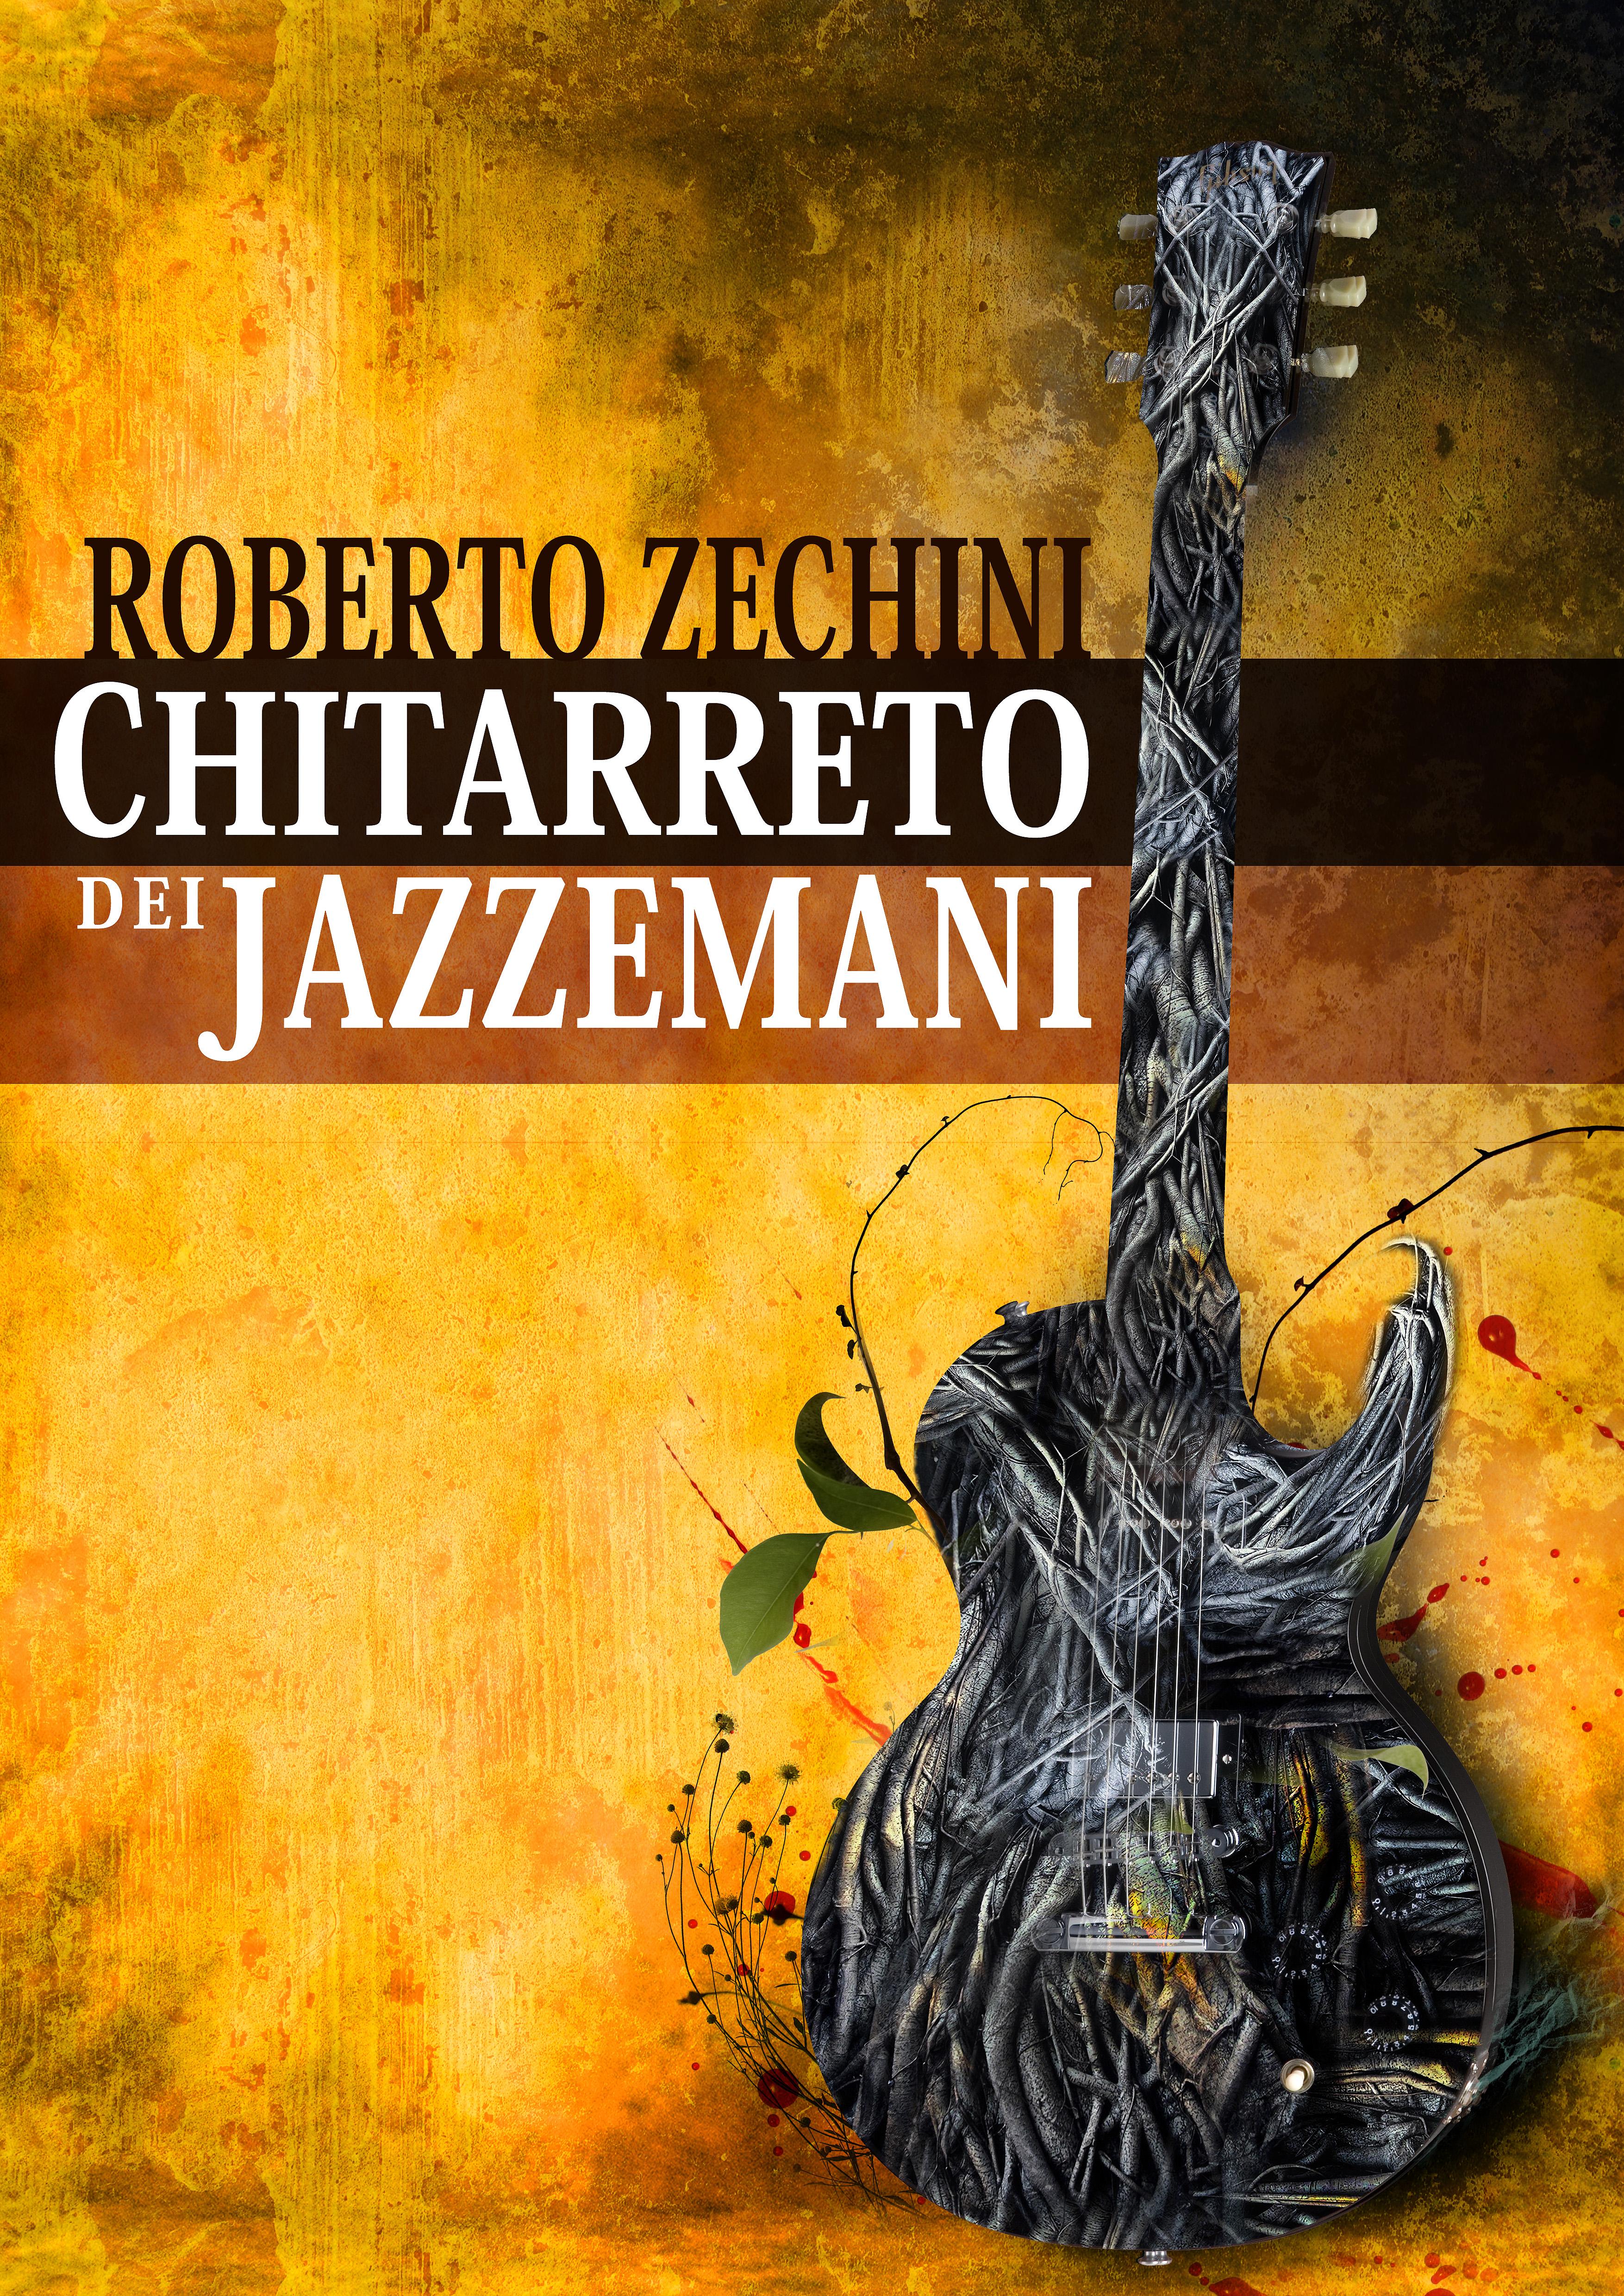 RZ Chitarreto dei Jazzemani live Tornareccio